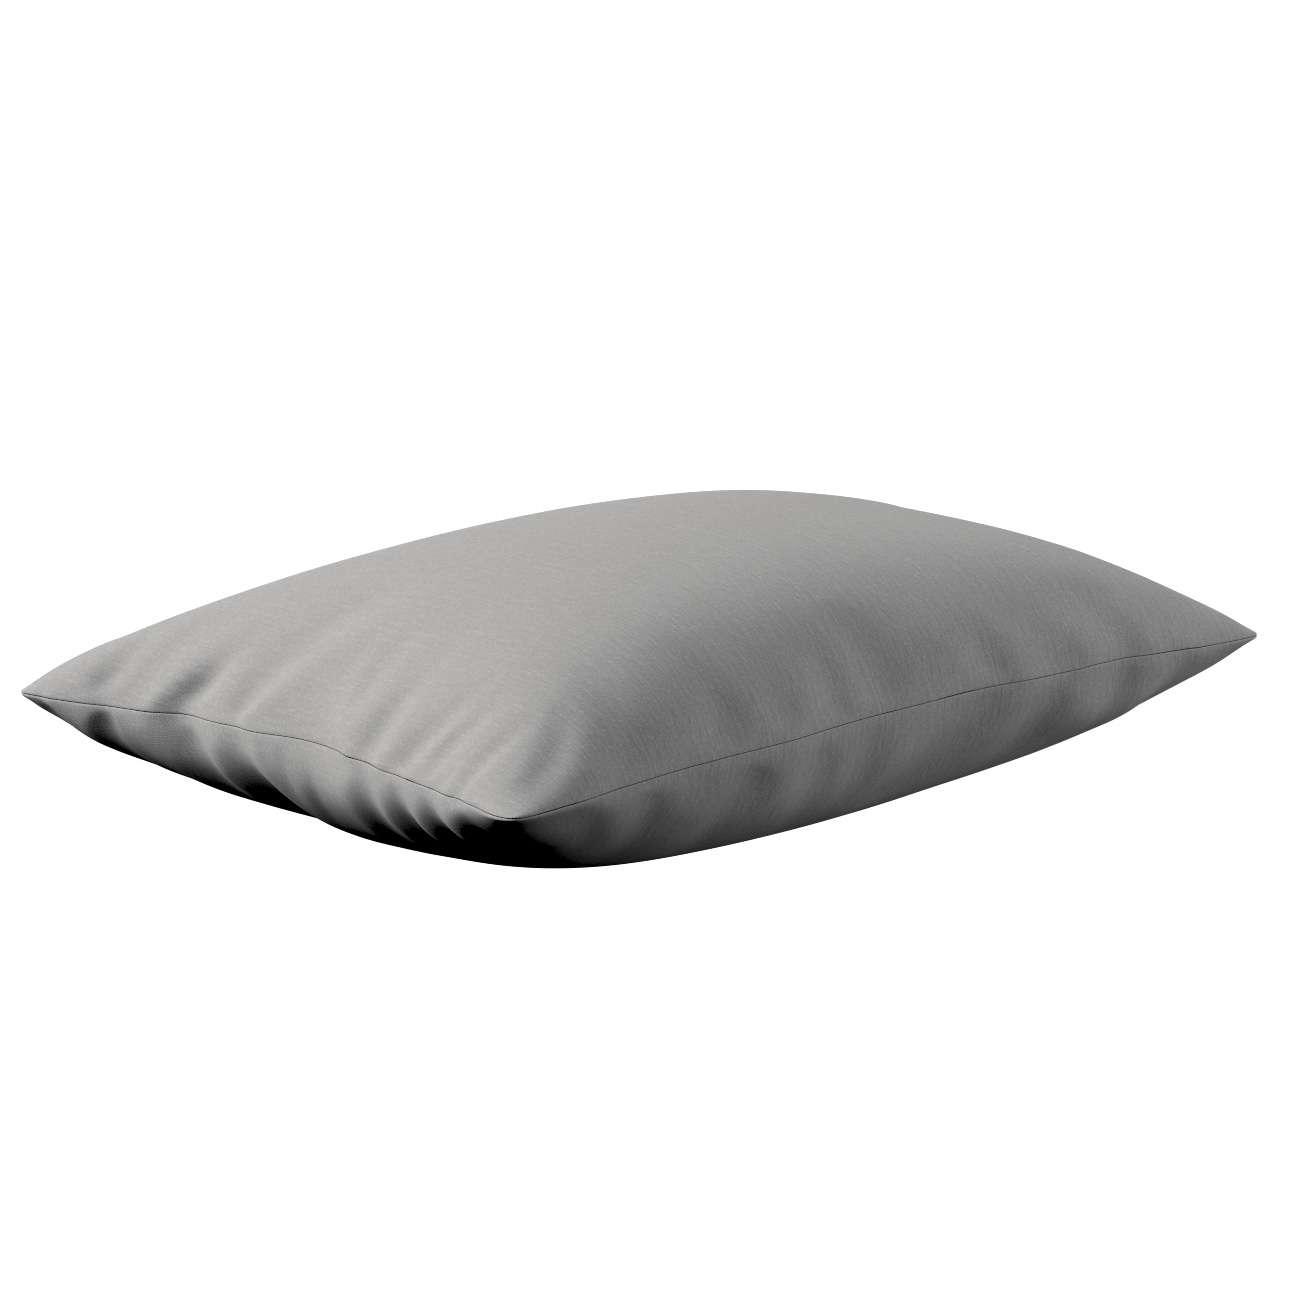 Kinga dekoratyvinės pagalvėlės užvalkalas 60x40cm 60x40cm kolekcijoje Chenille, audinys: 702-23